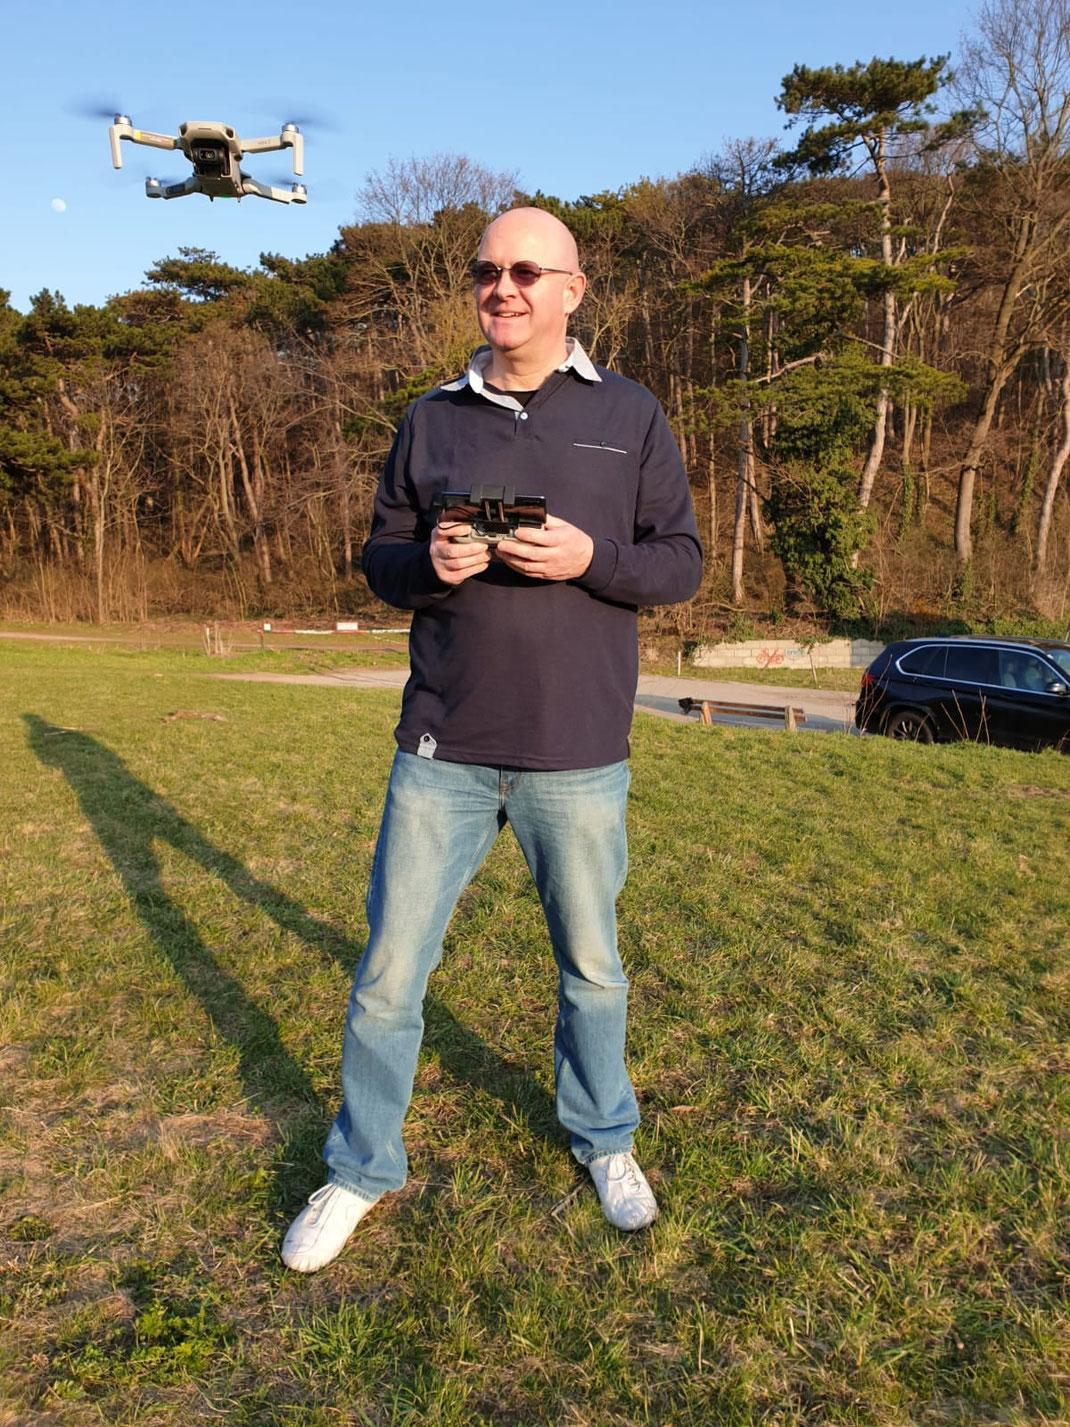 Luftaufnahmen - Fotos - Videos - Drohnenvideos - Drohnenfotos